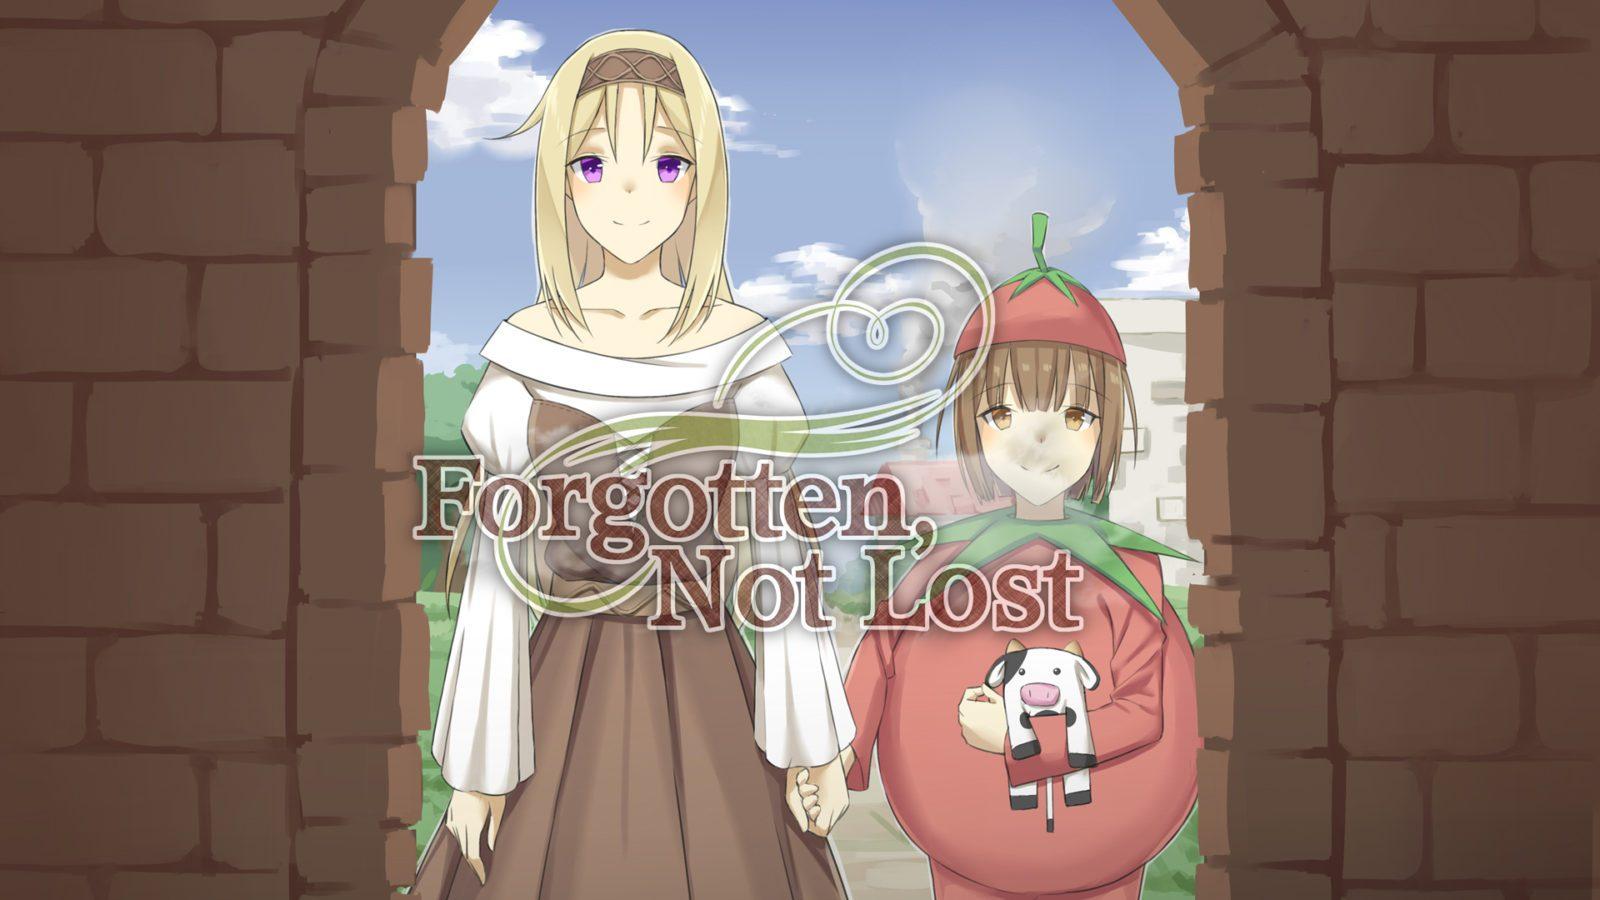 Forgotten, Not Lost main